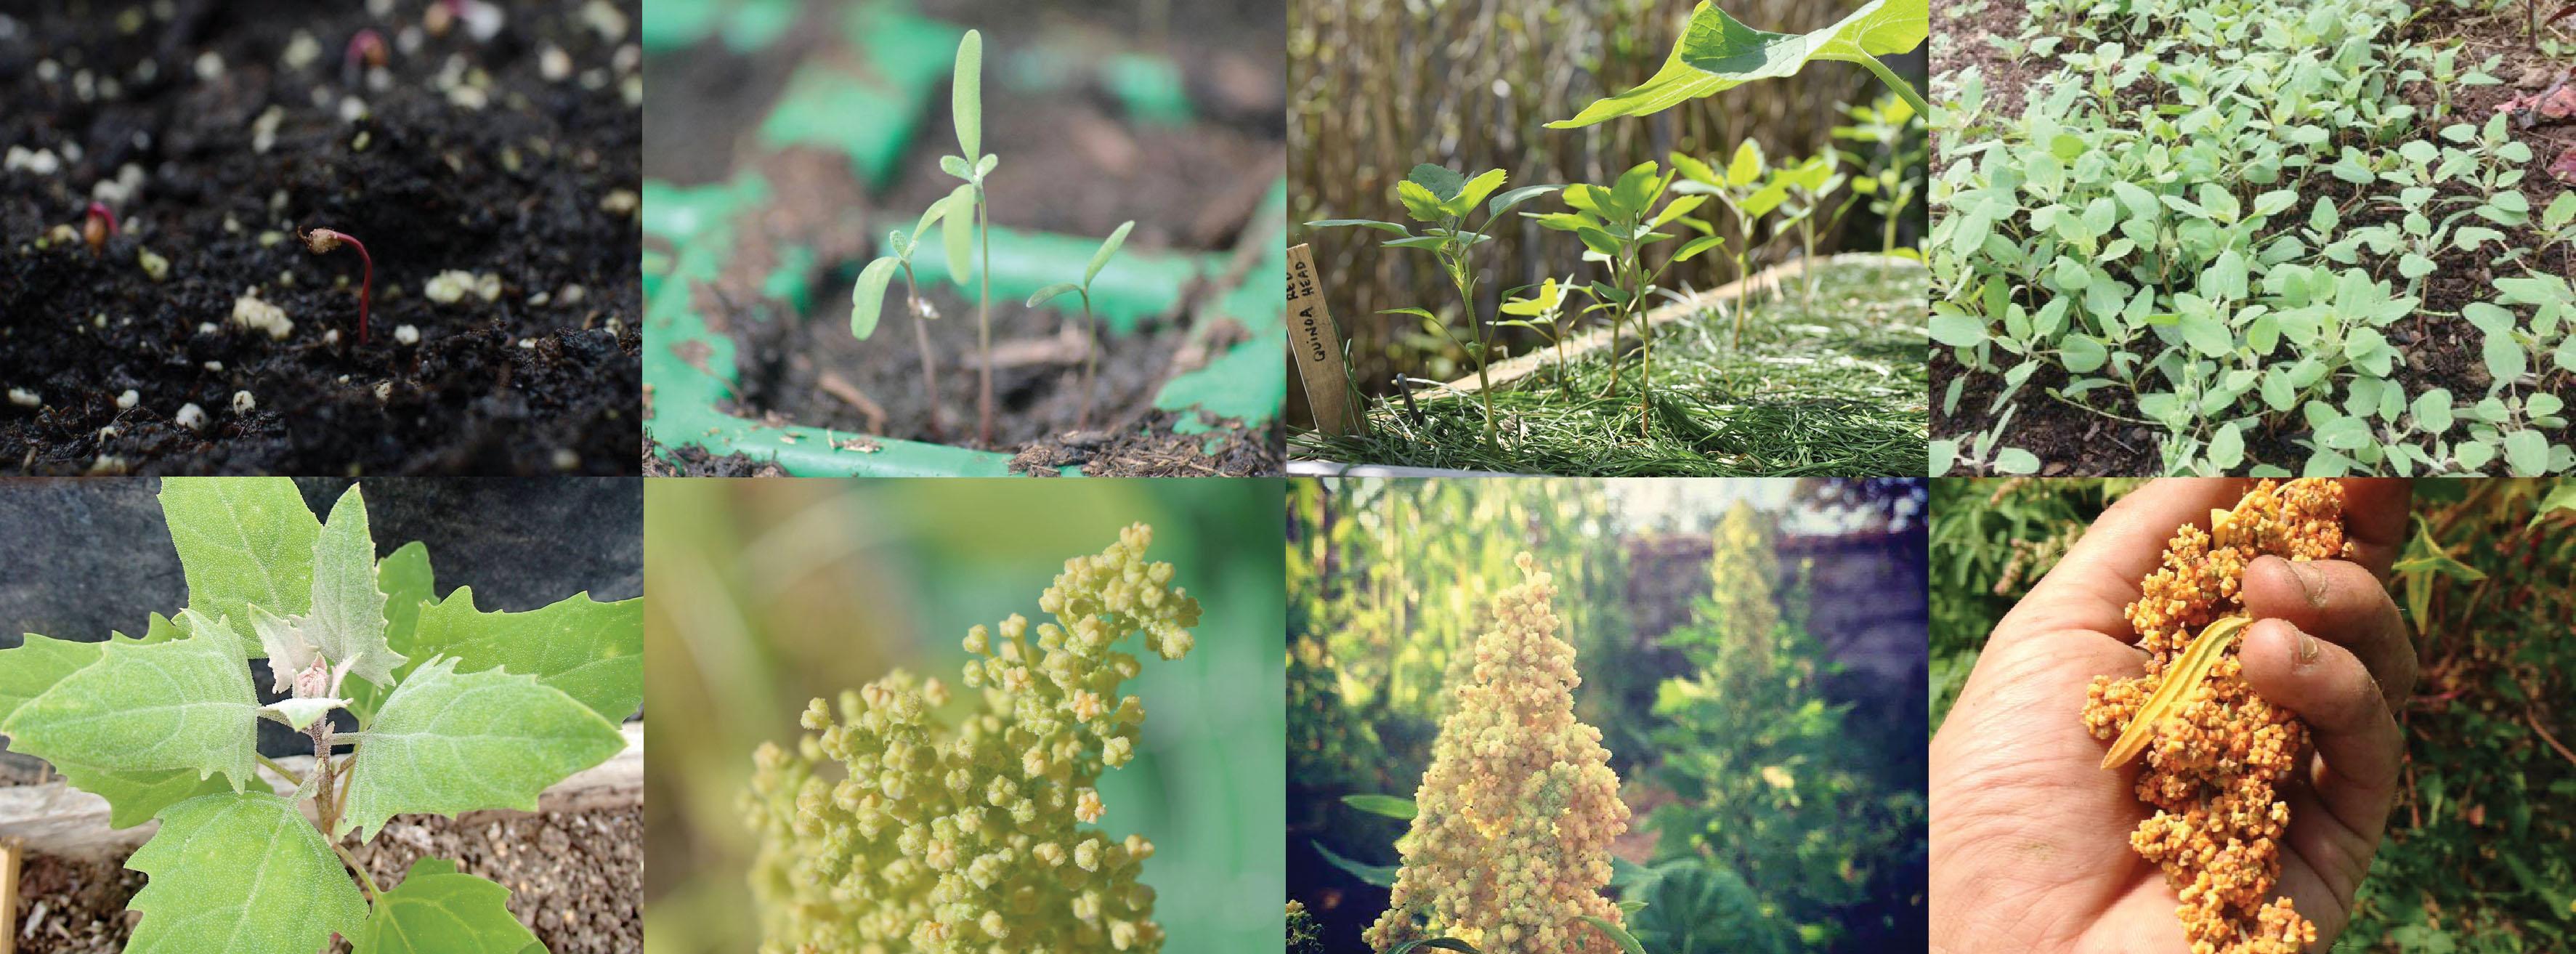 Évolution de la Quinoa, photos réalisées par les participants de la campagne.